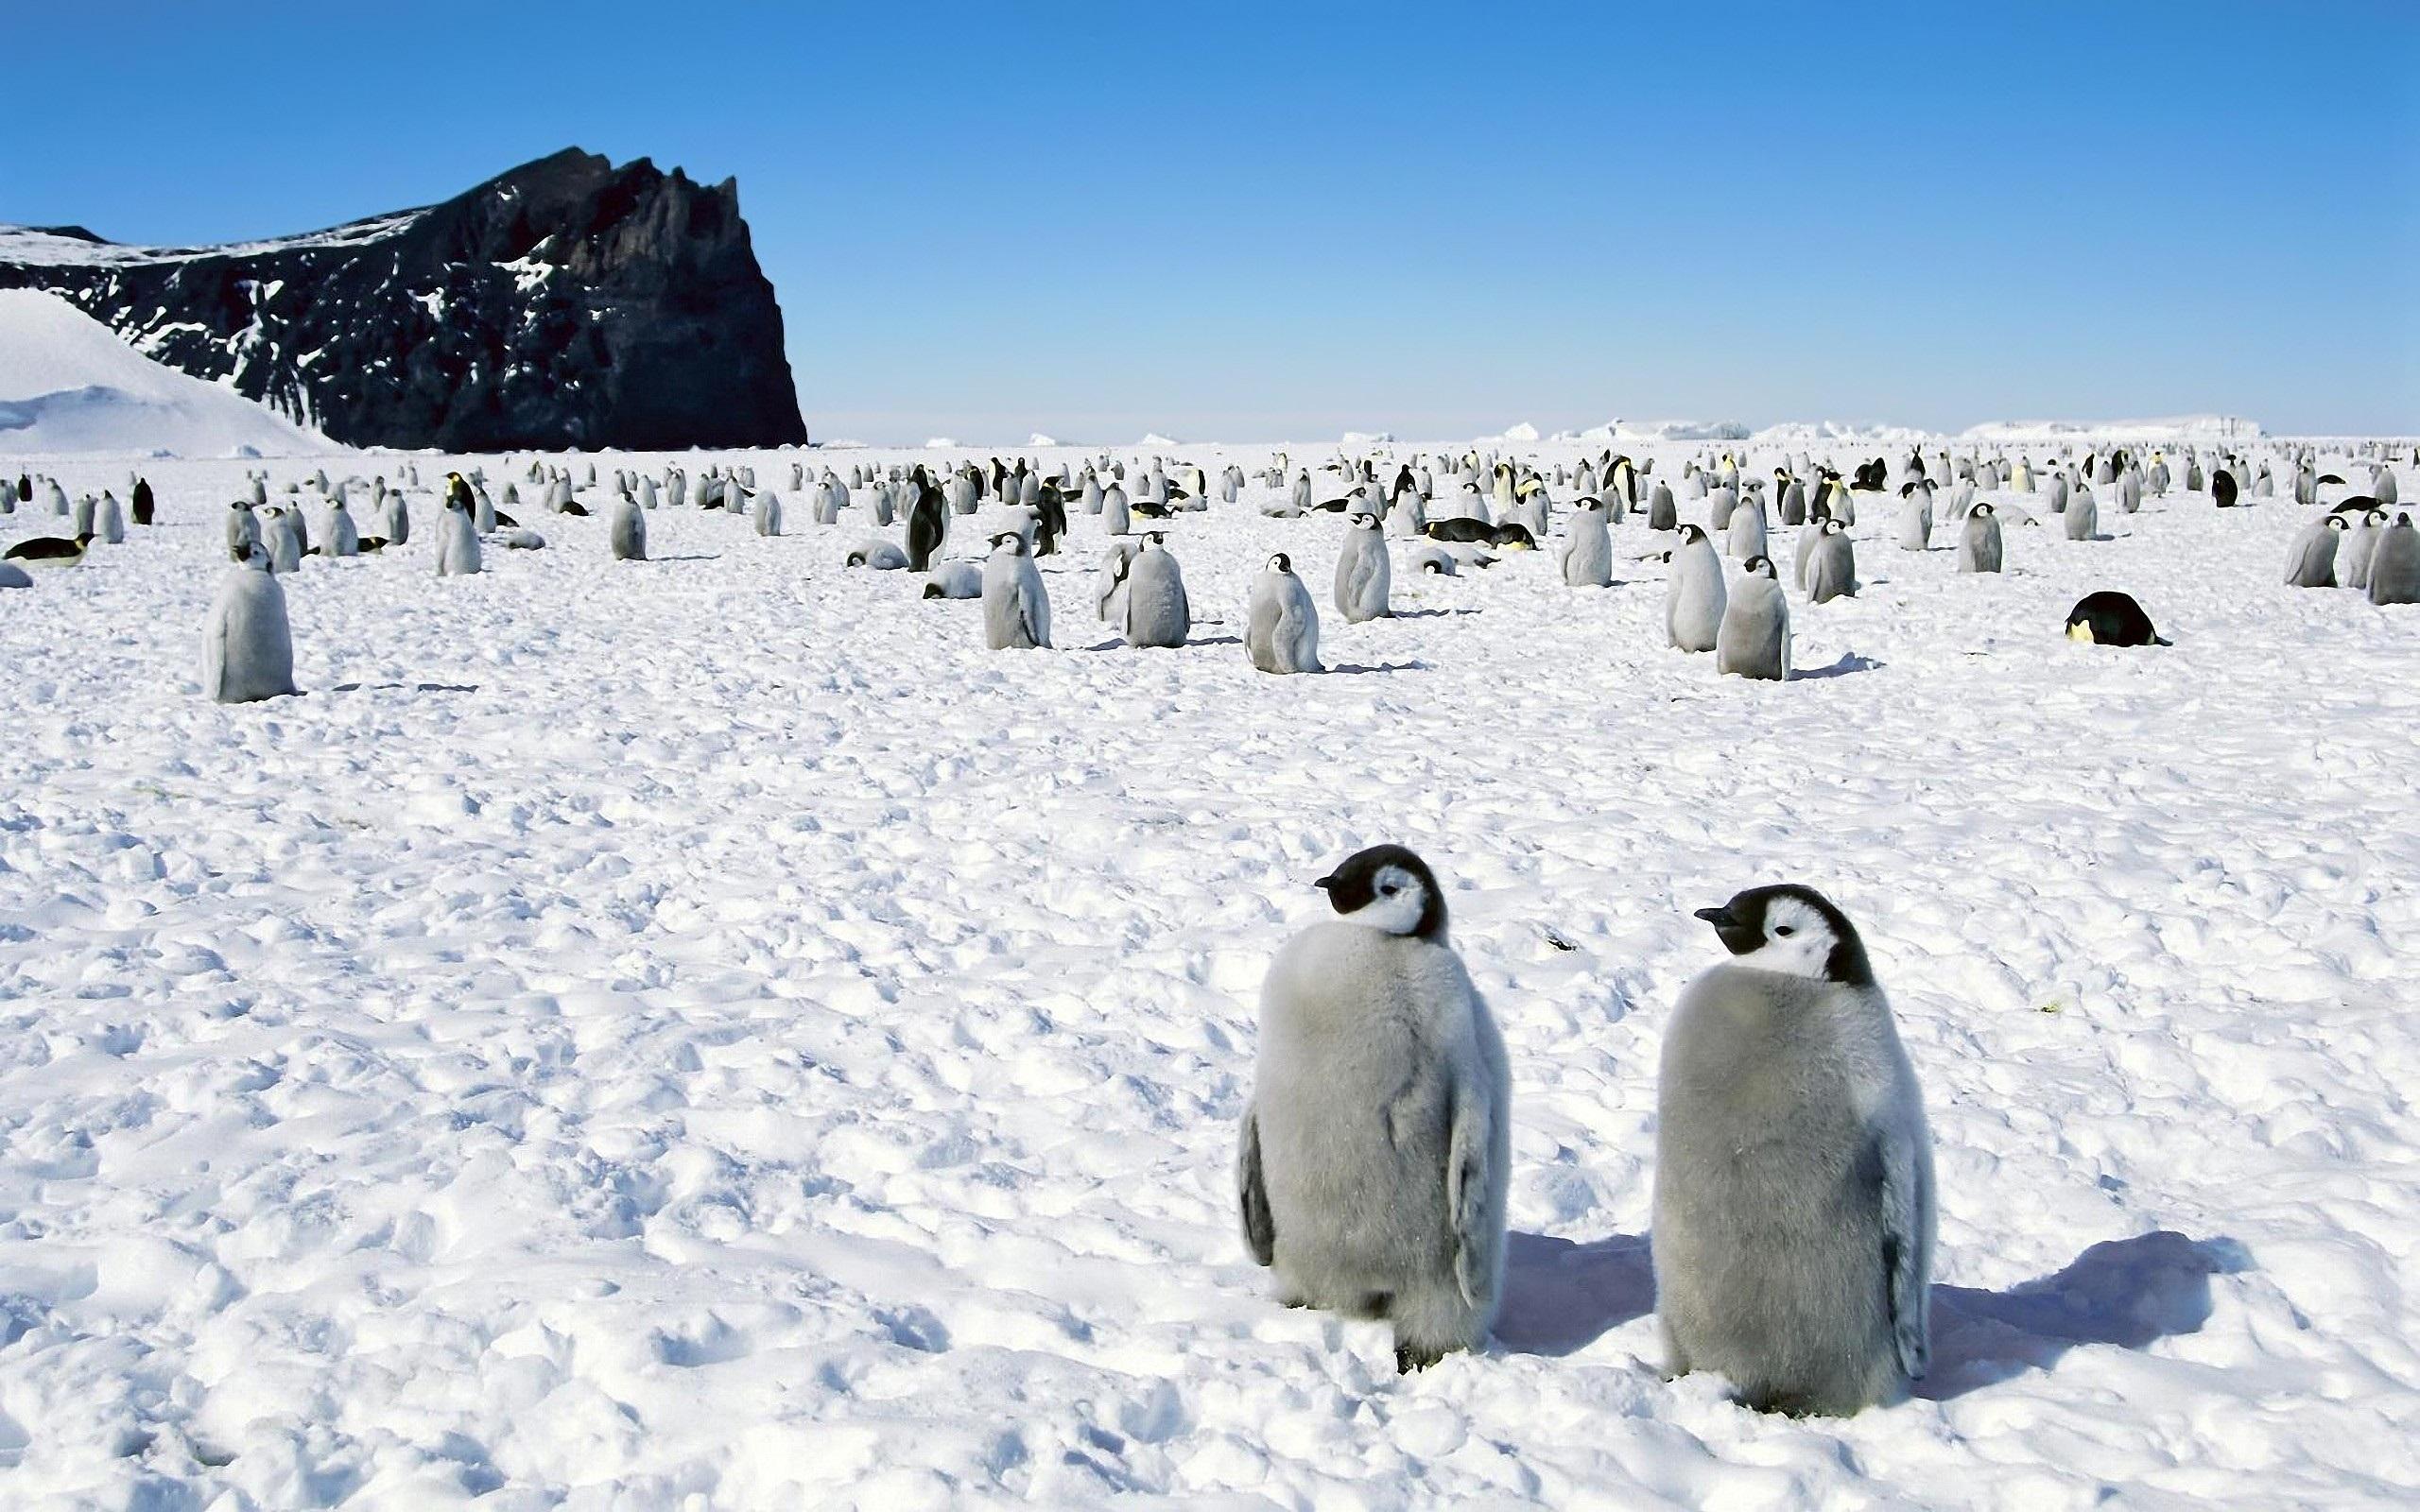 壁紙 ペンギン 南極 雪 2560x1600 Hd 無料のデスクトップの背景 画像